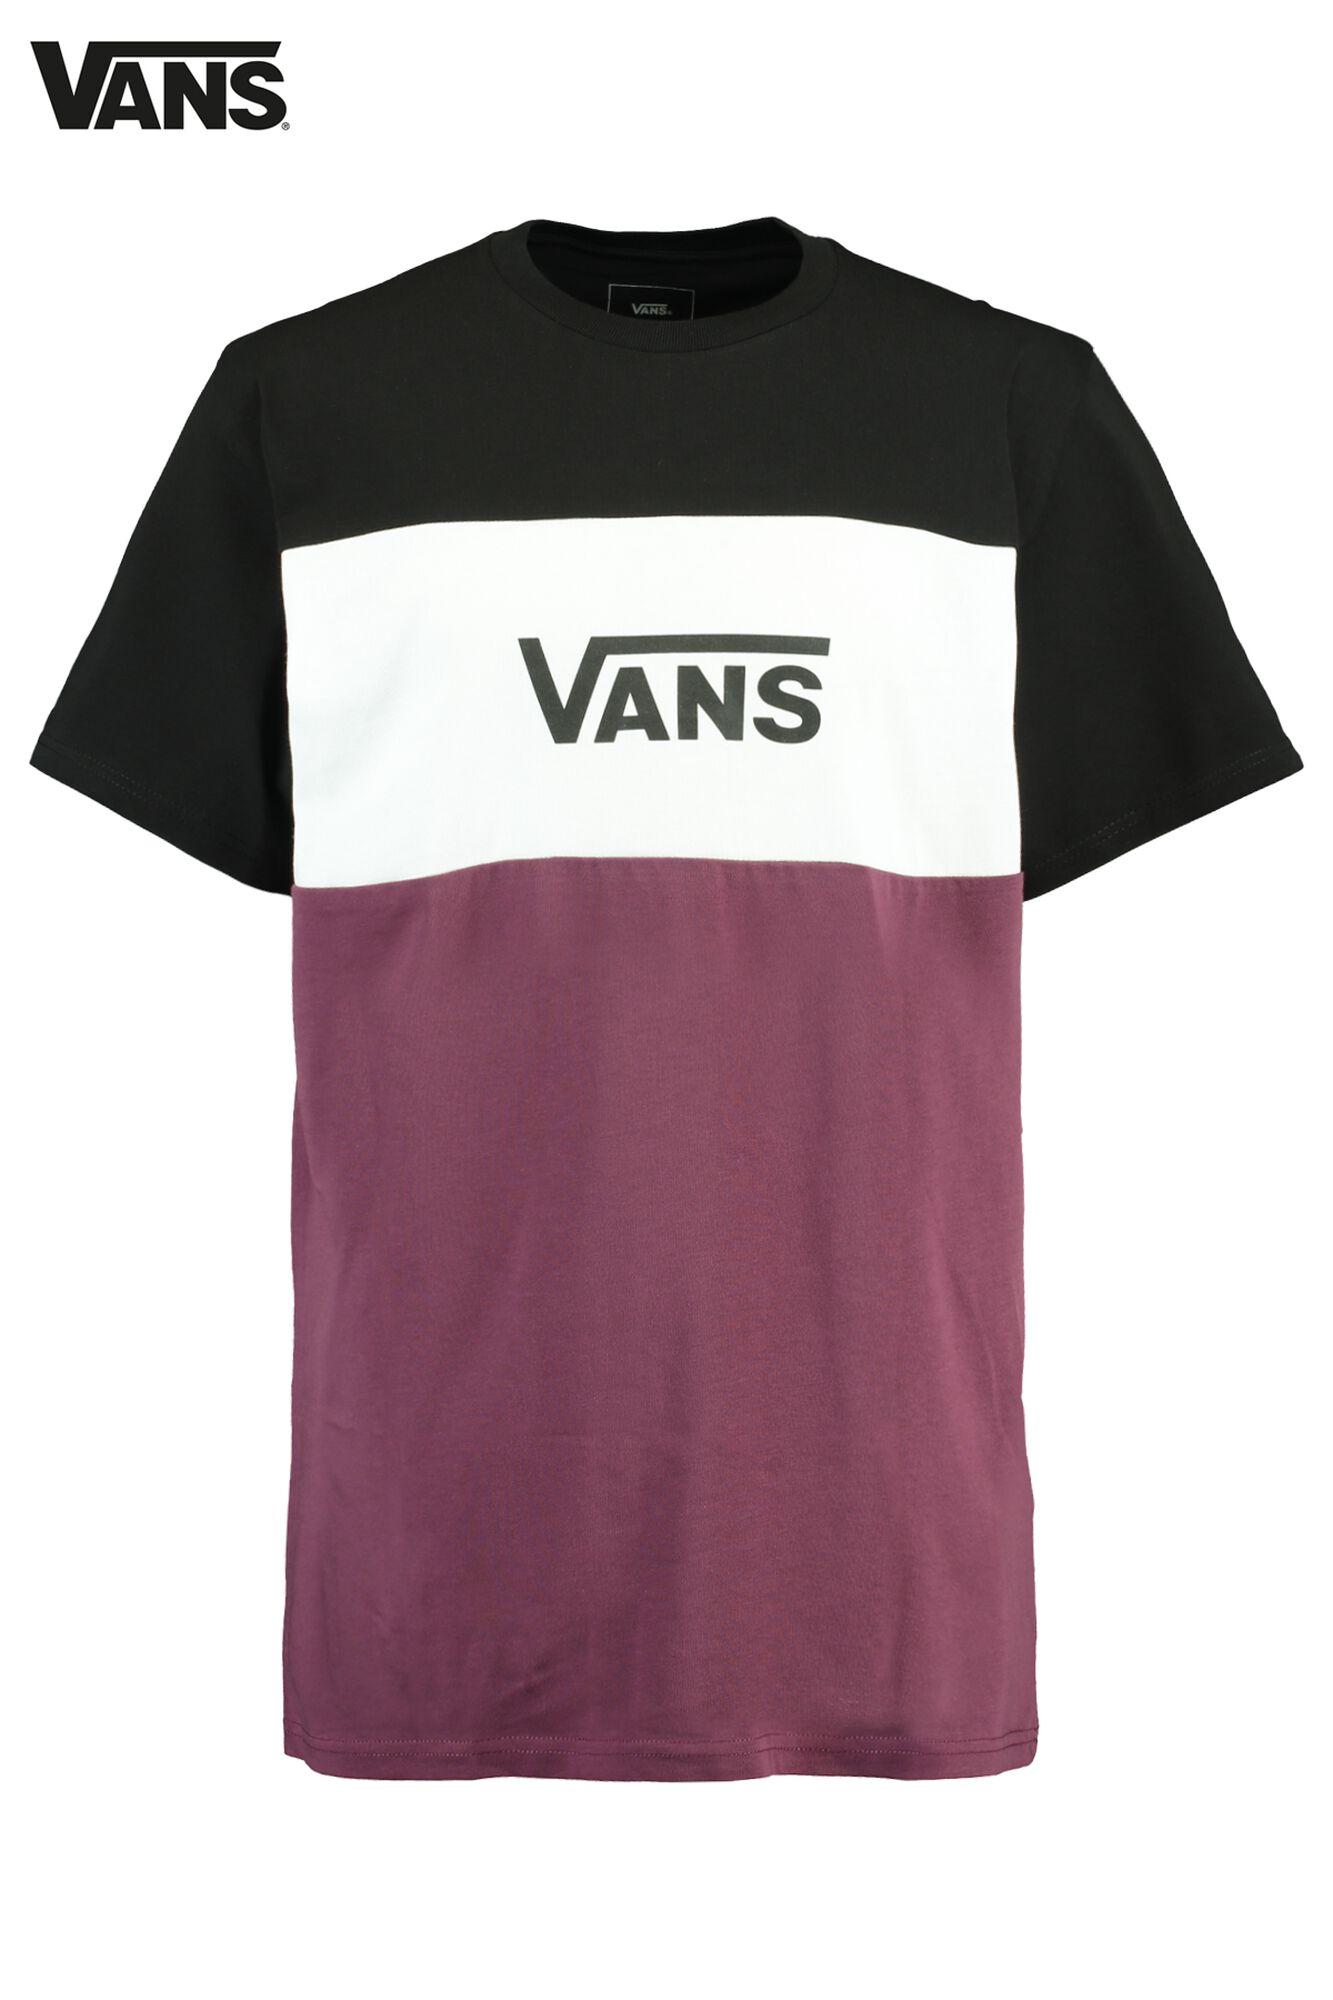 nuovo prodotto 52b2e aa720 T-shirt Vans Retro